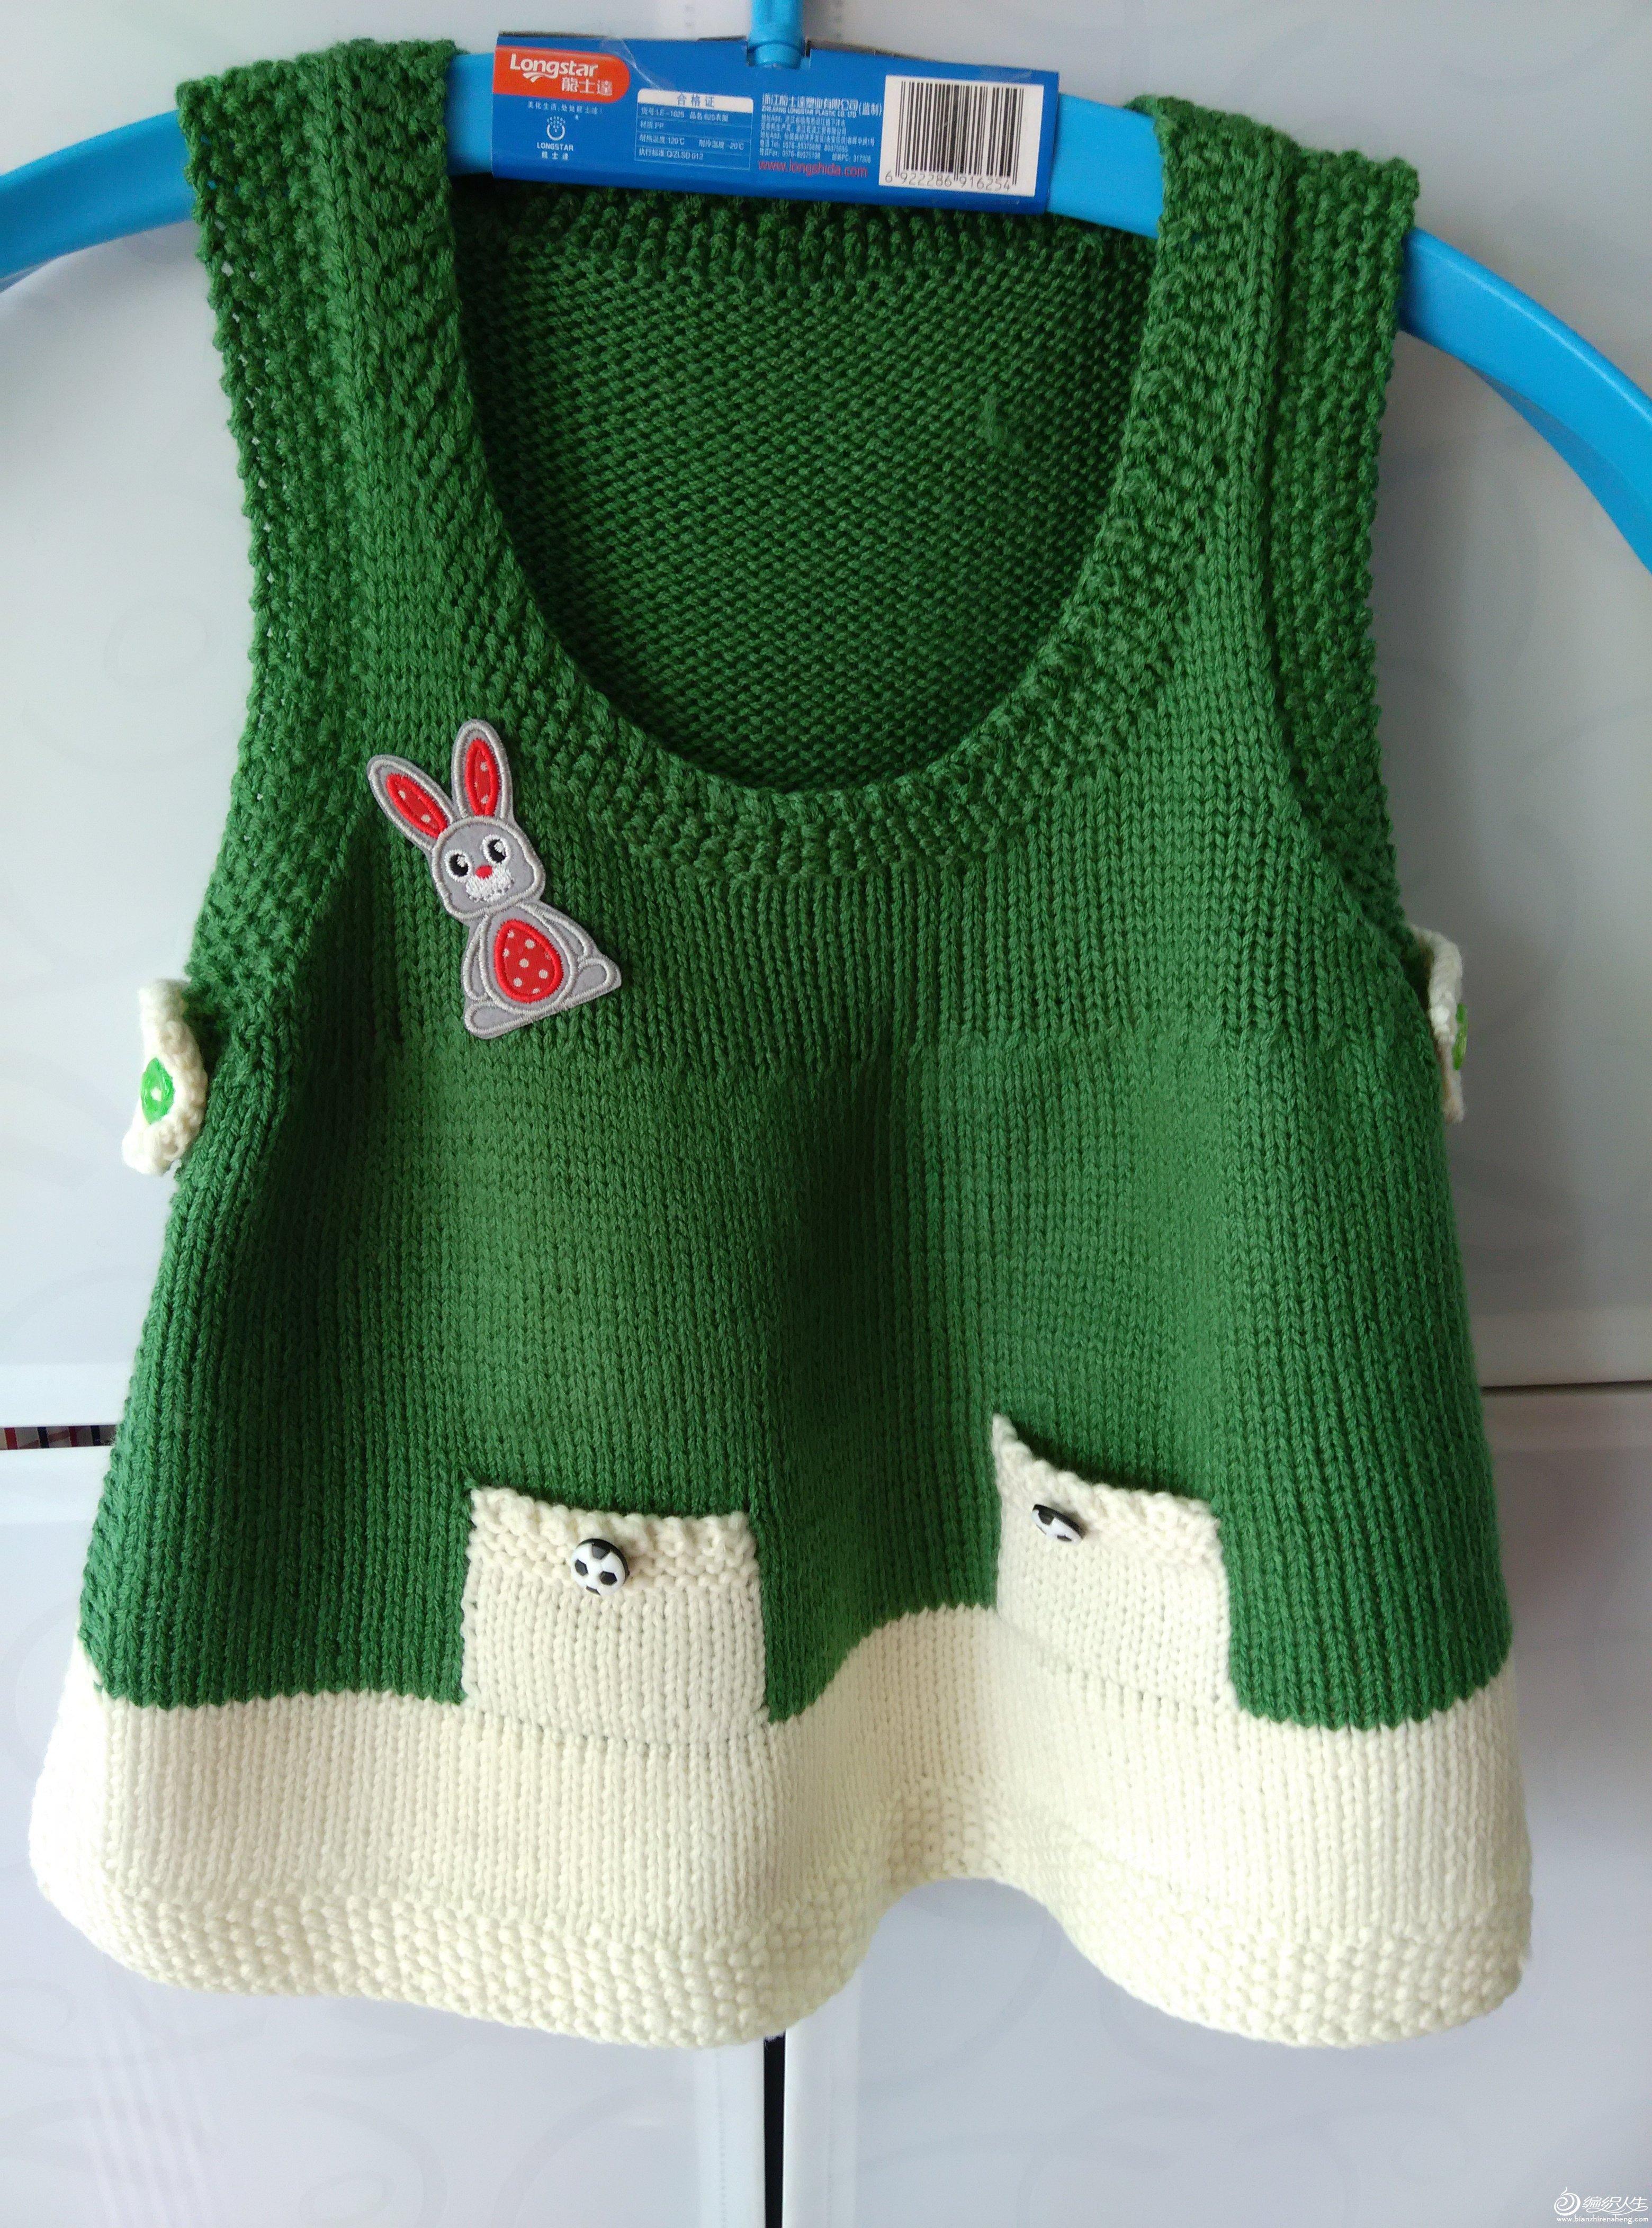 依可爱绿色背心裙编织 图片合集